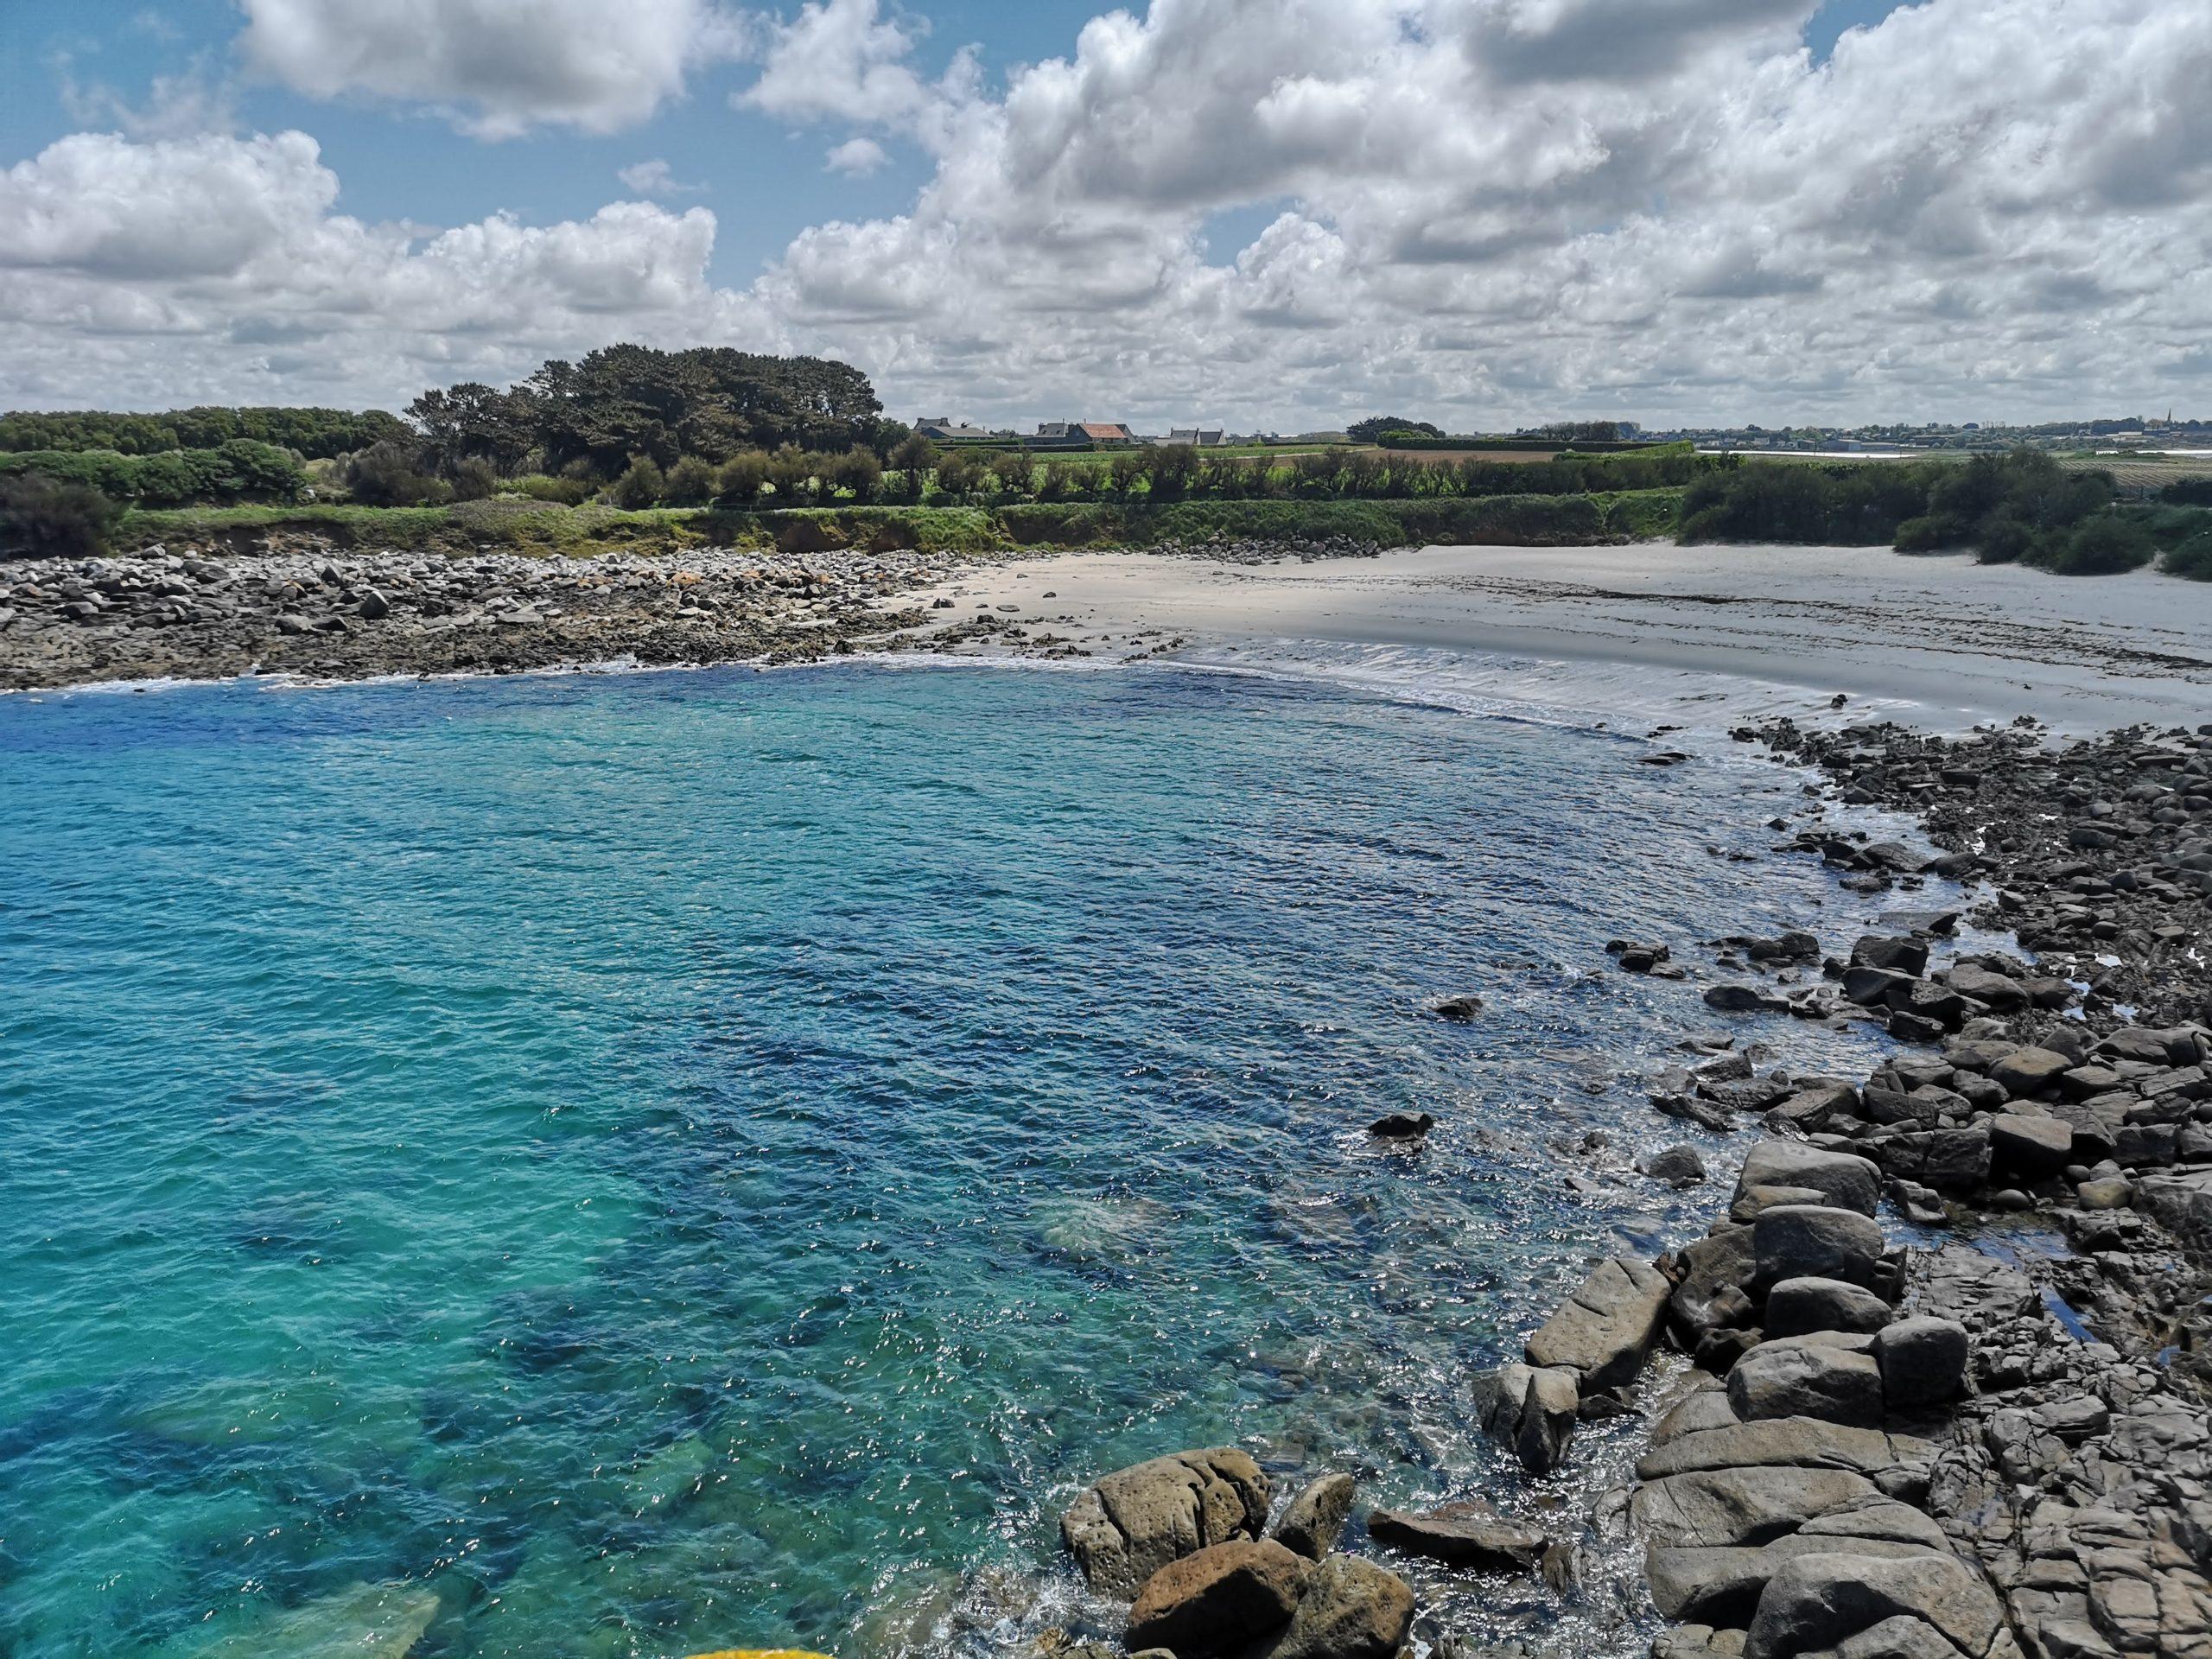 Balade sur les plages du Groac'h zu et de Kéradennec